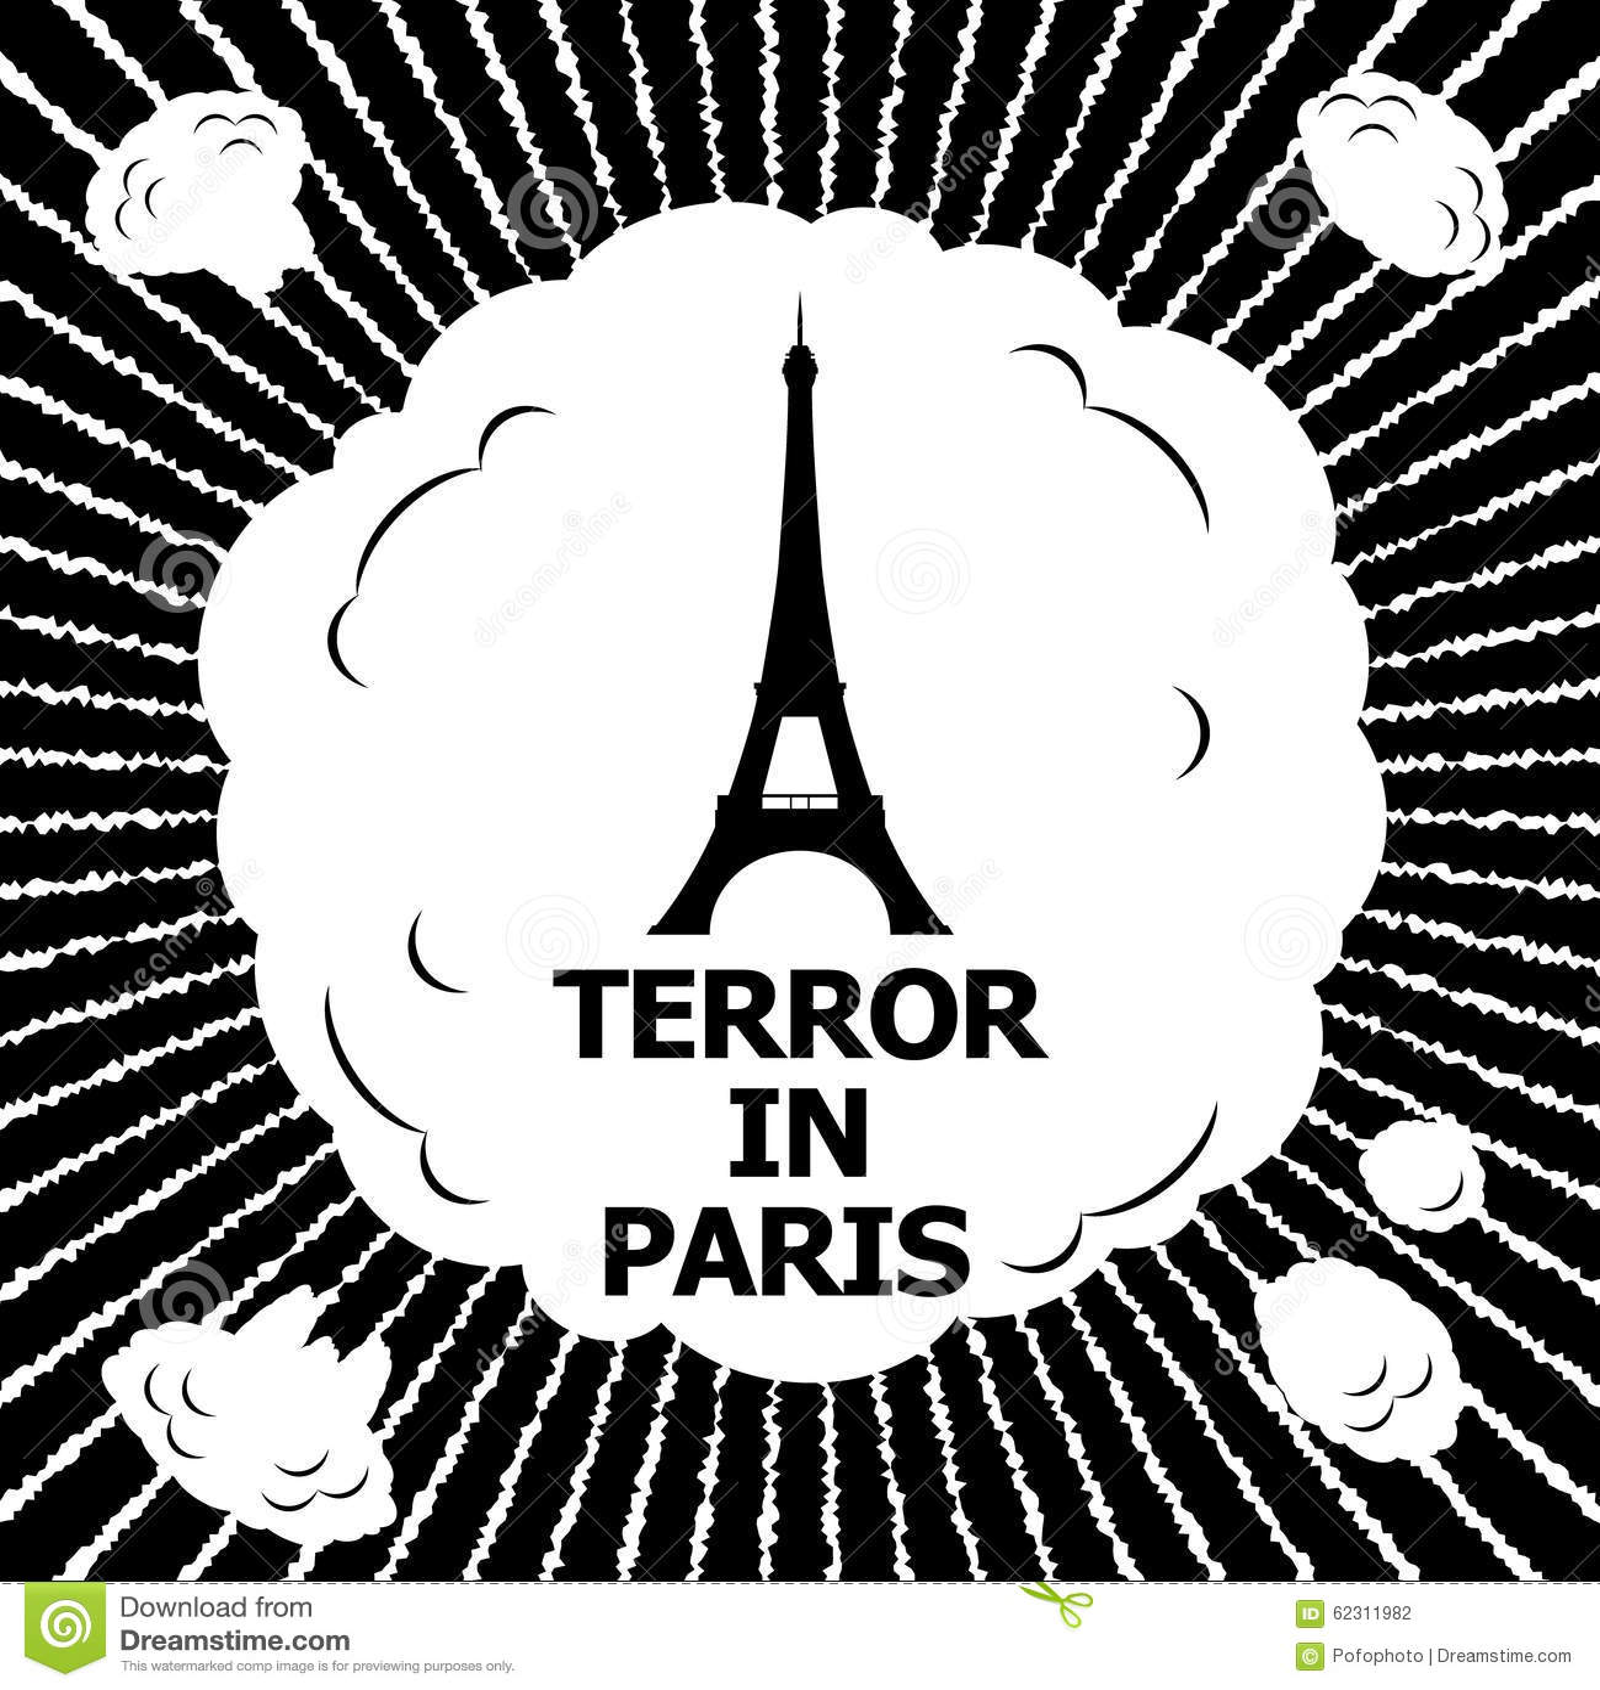 Картинки по запросу террор в париже